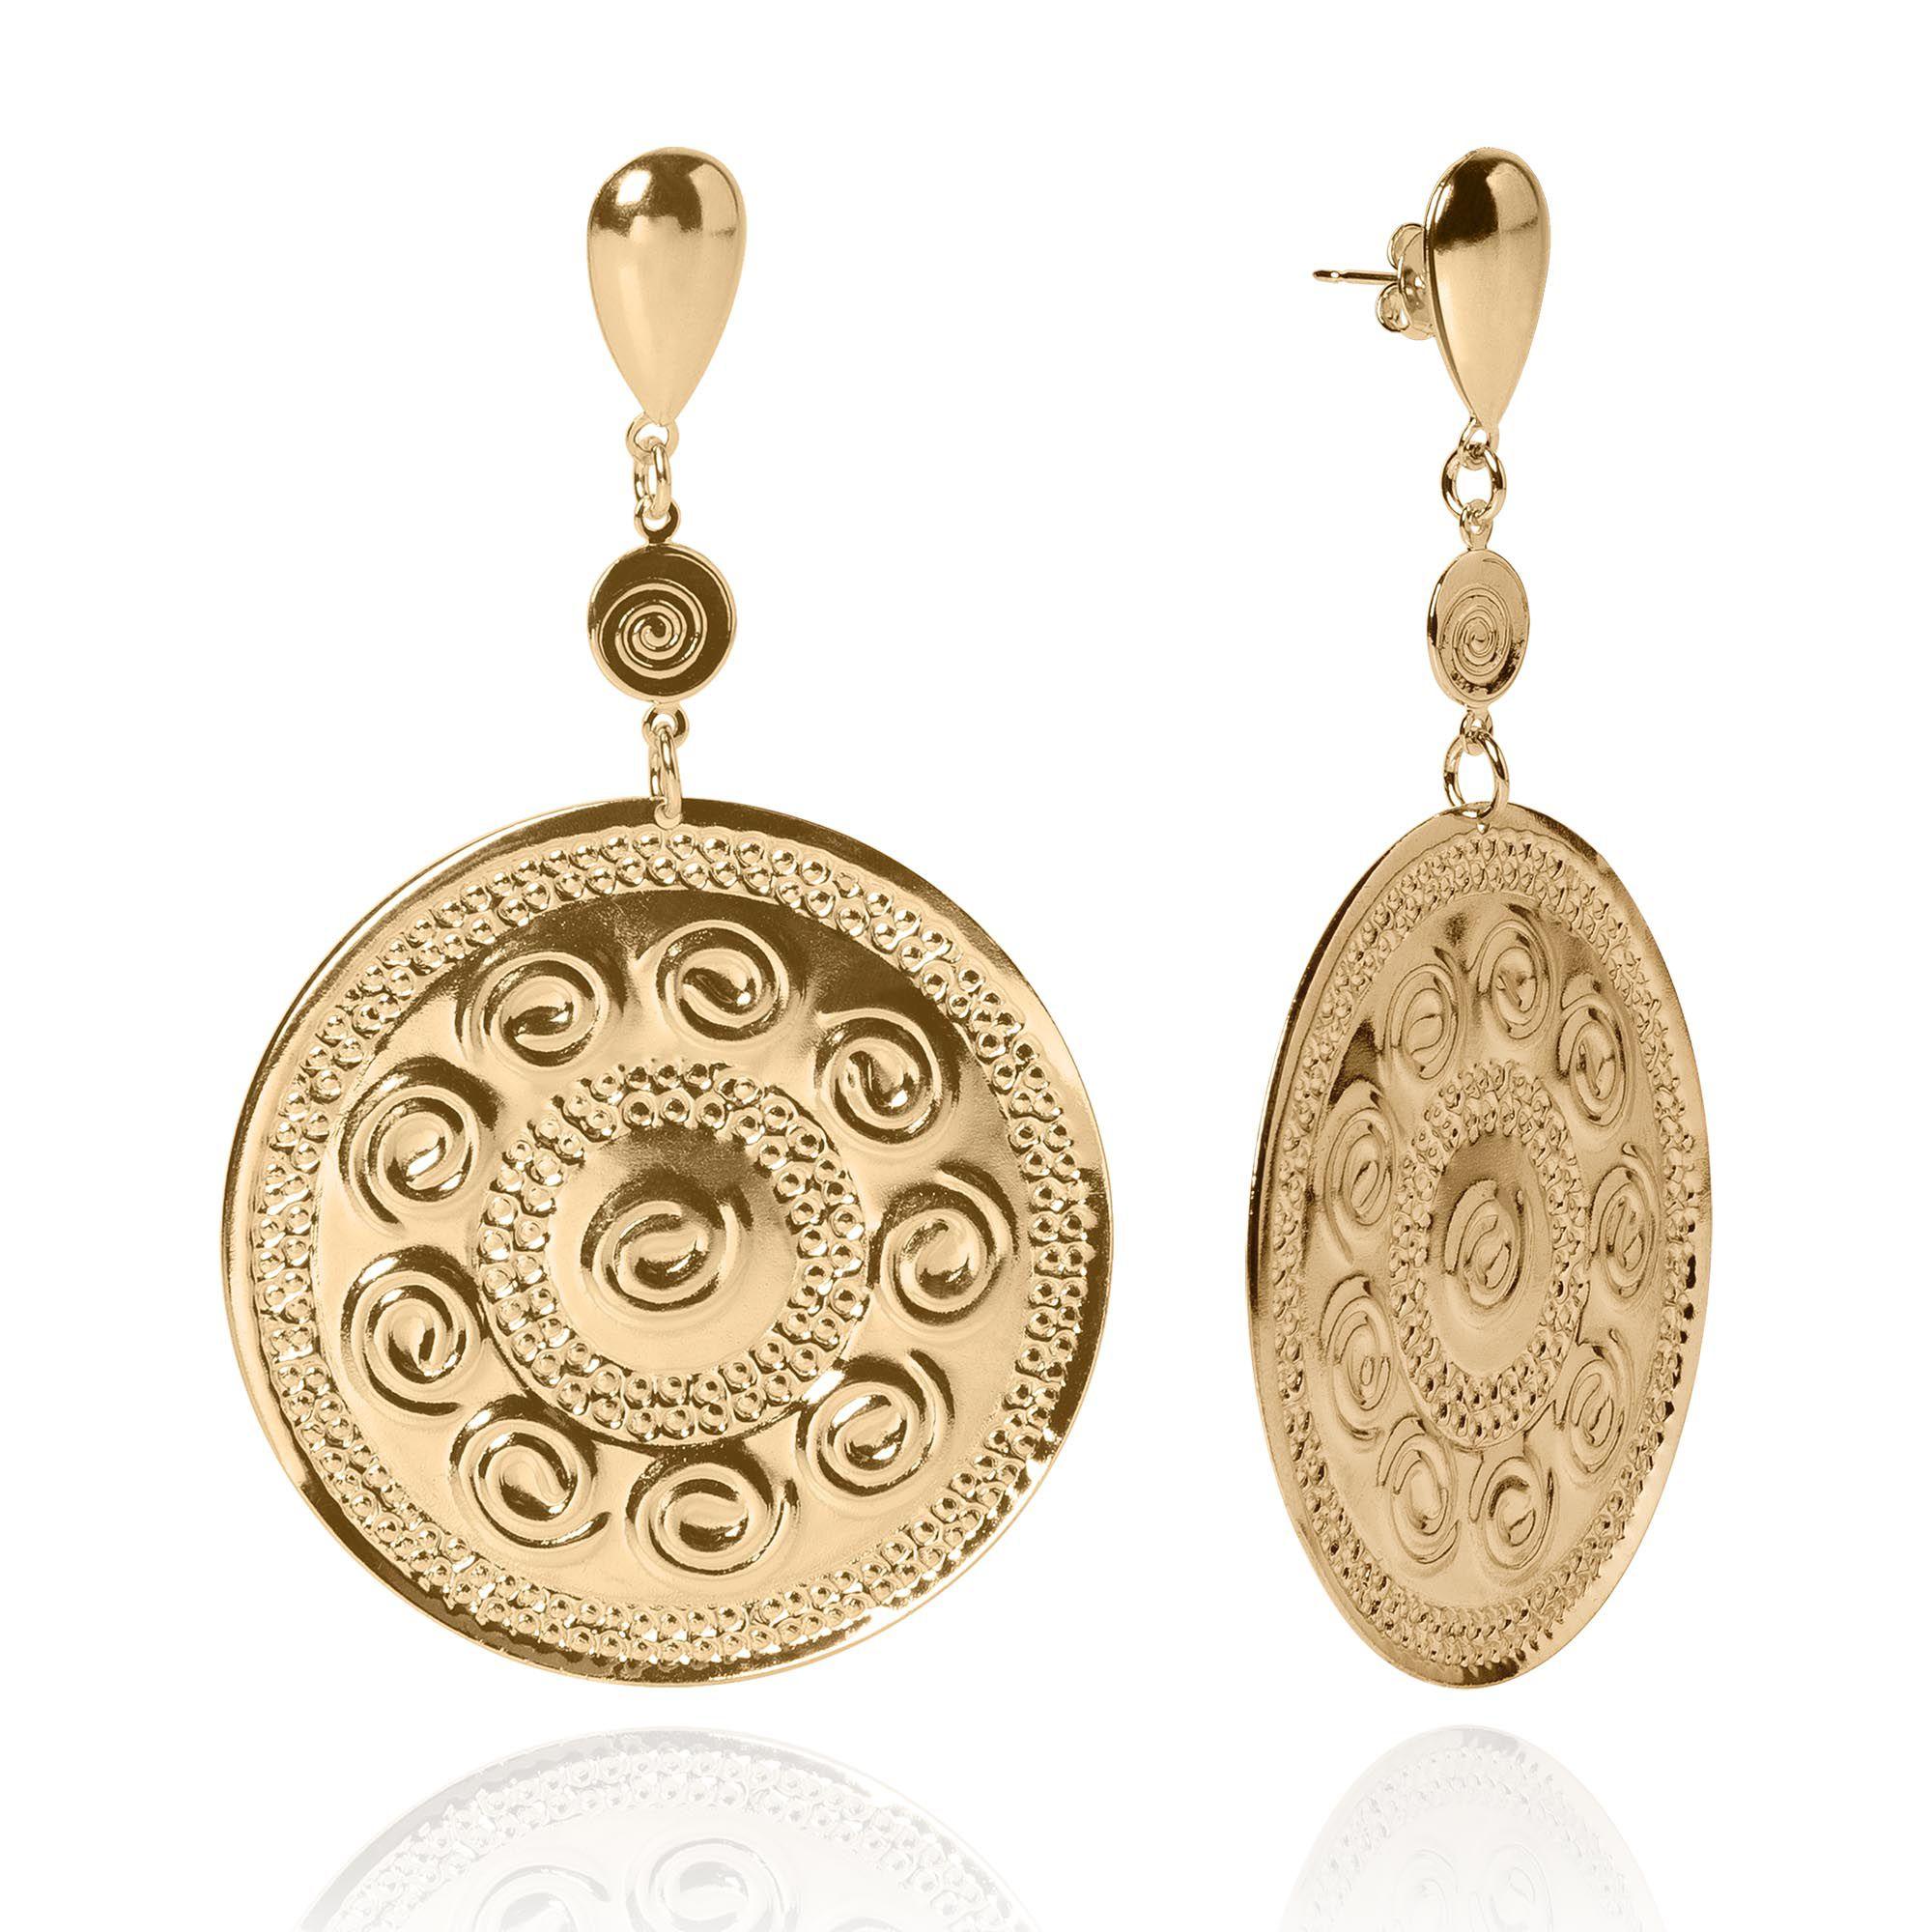 Brinco Medalha Inspiração Versace